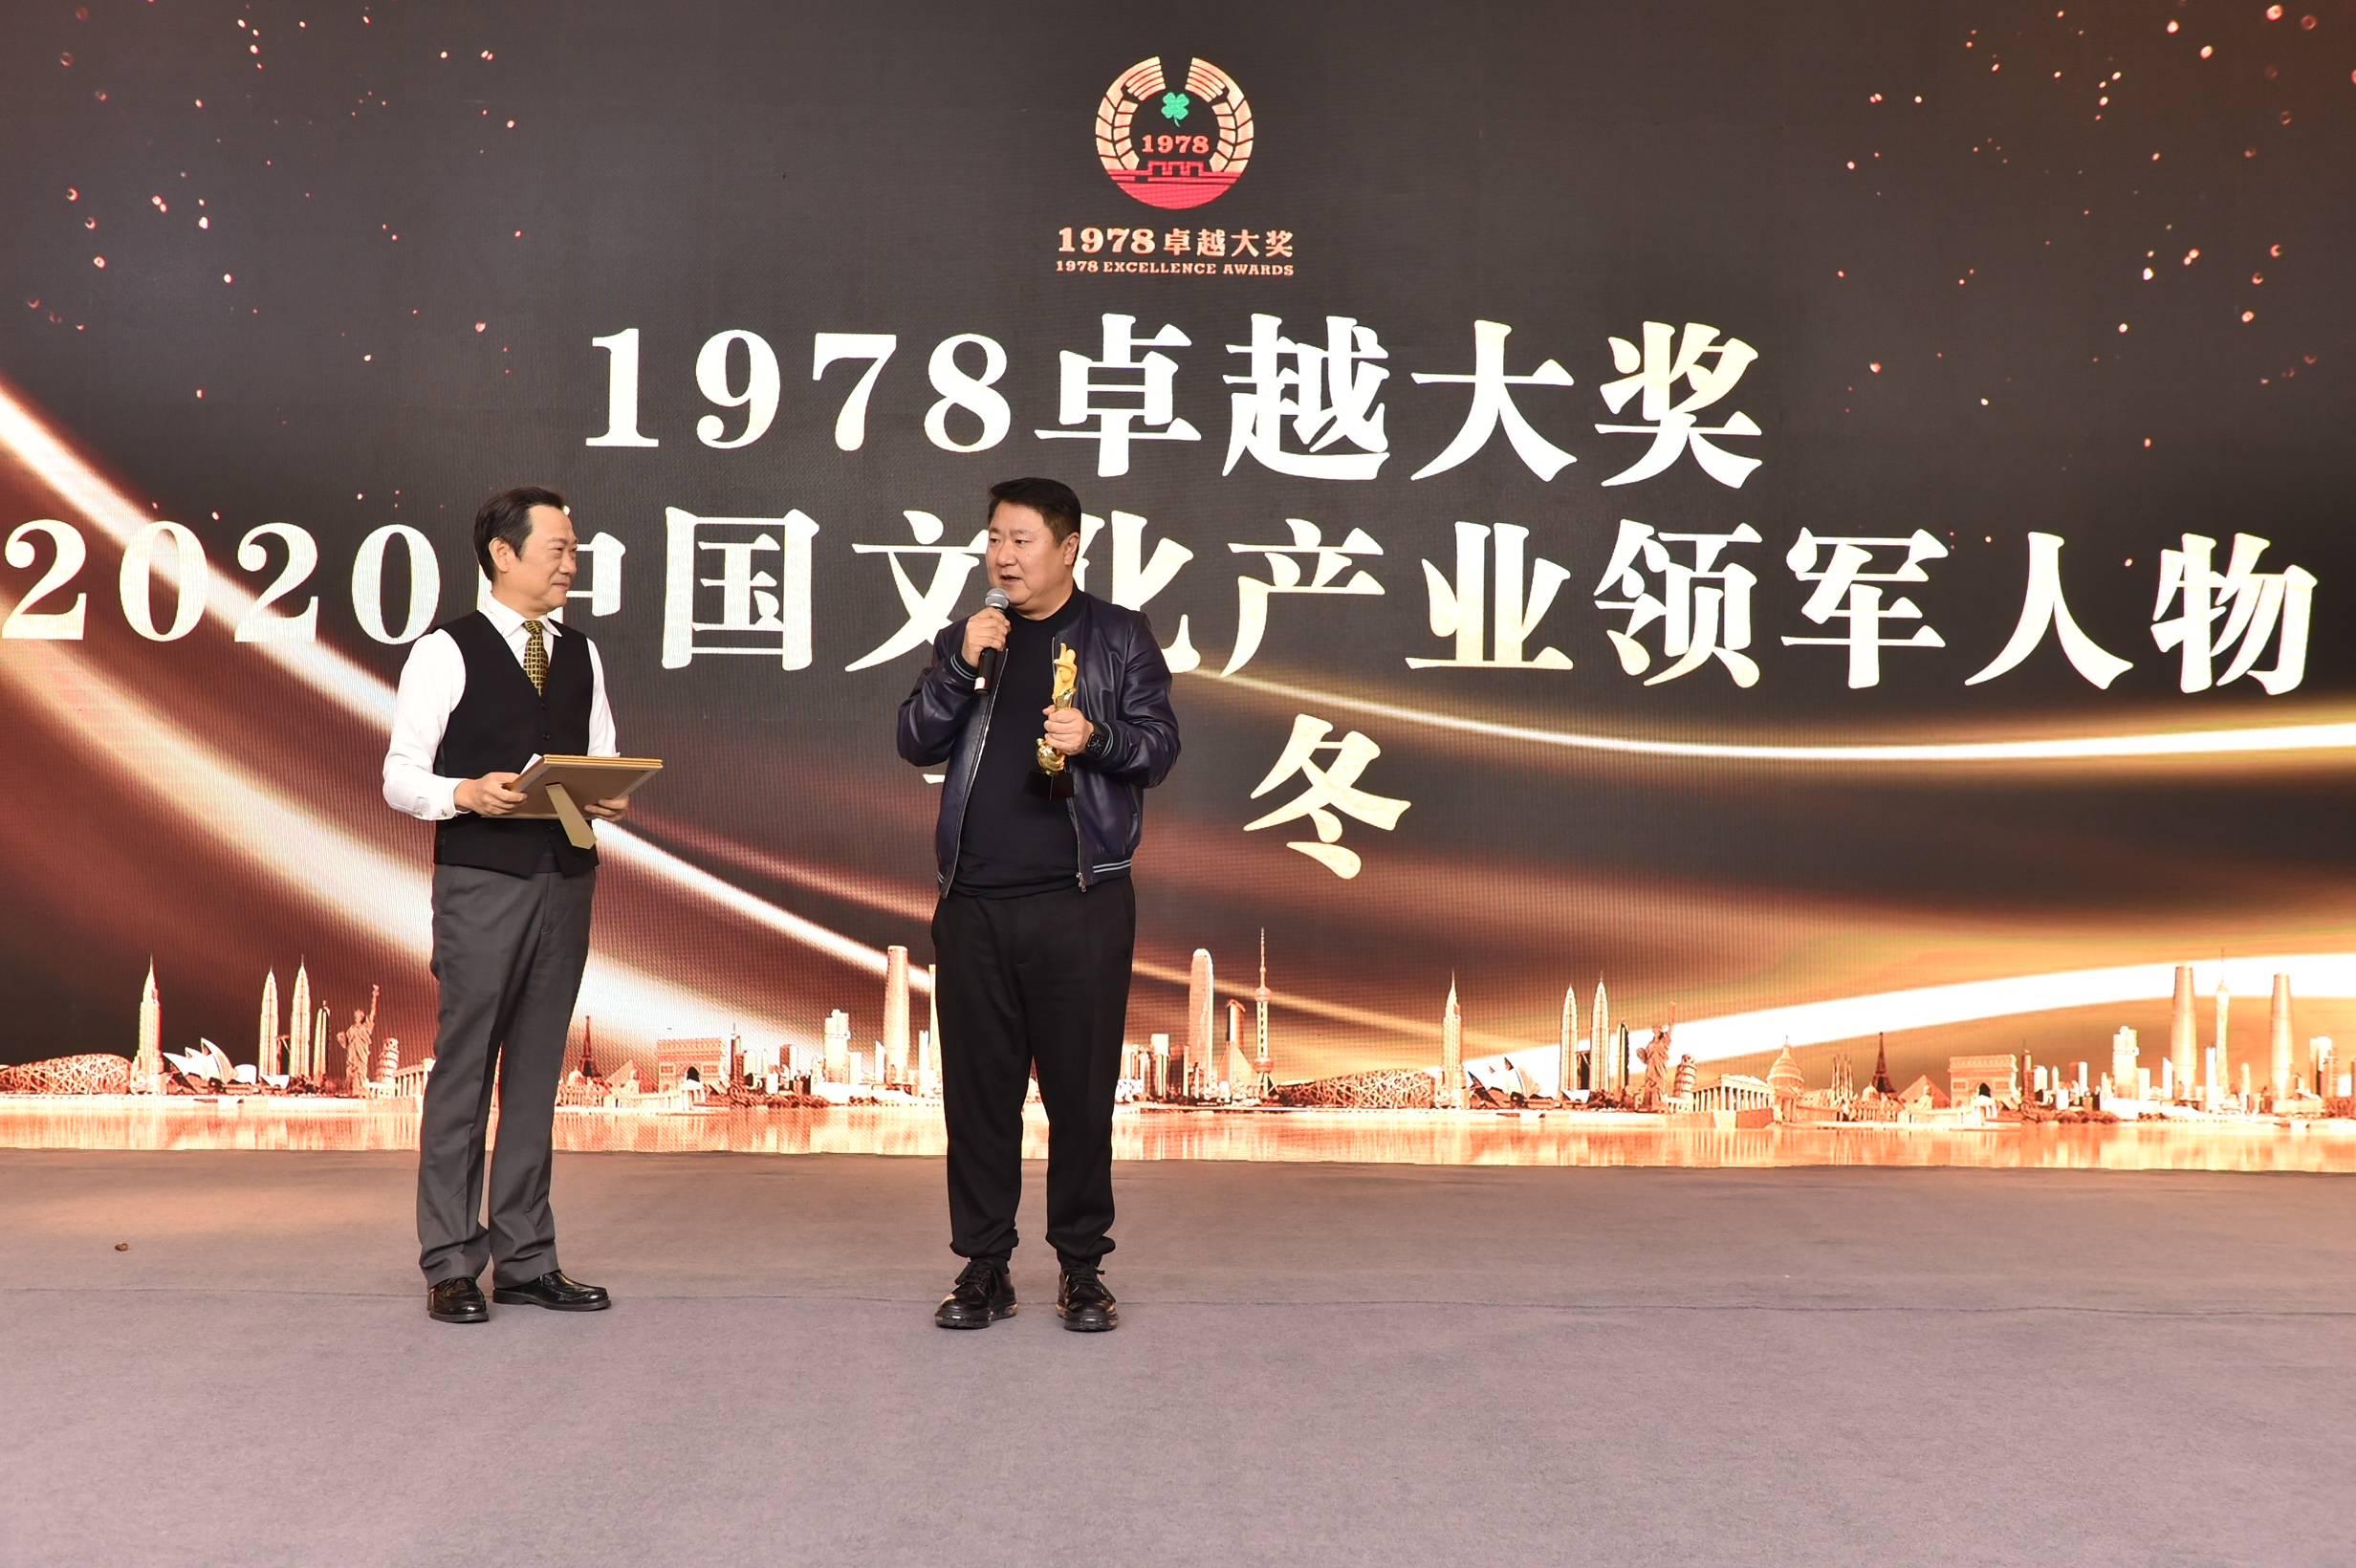 第二届卓越大奖年度人物揭晓  于冬高满堂等获奖